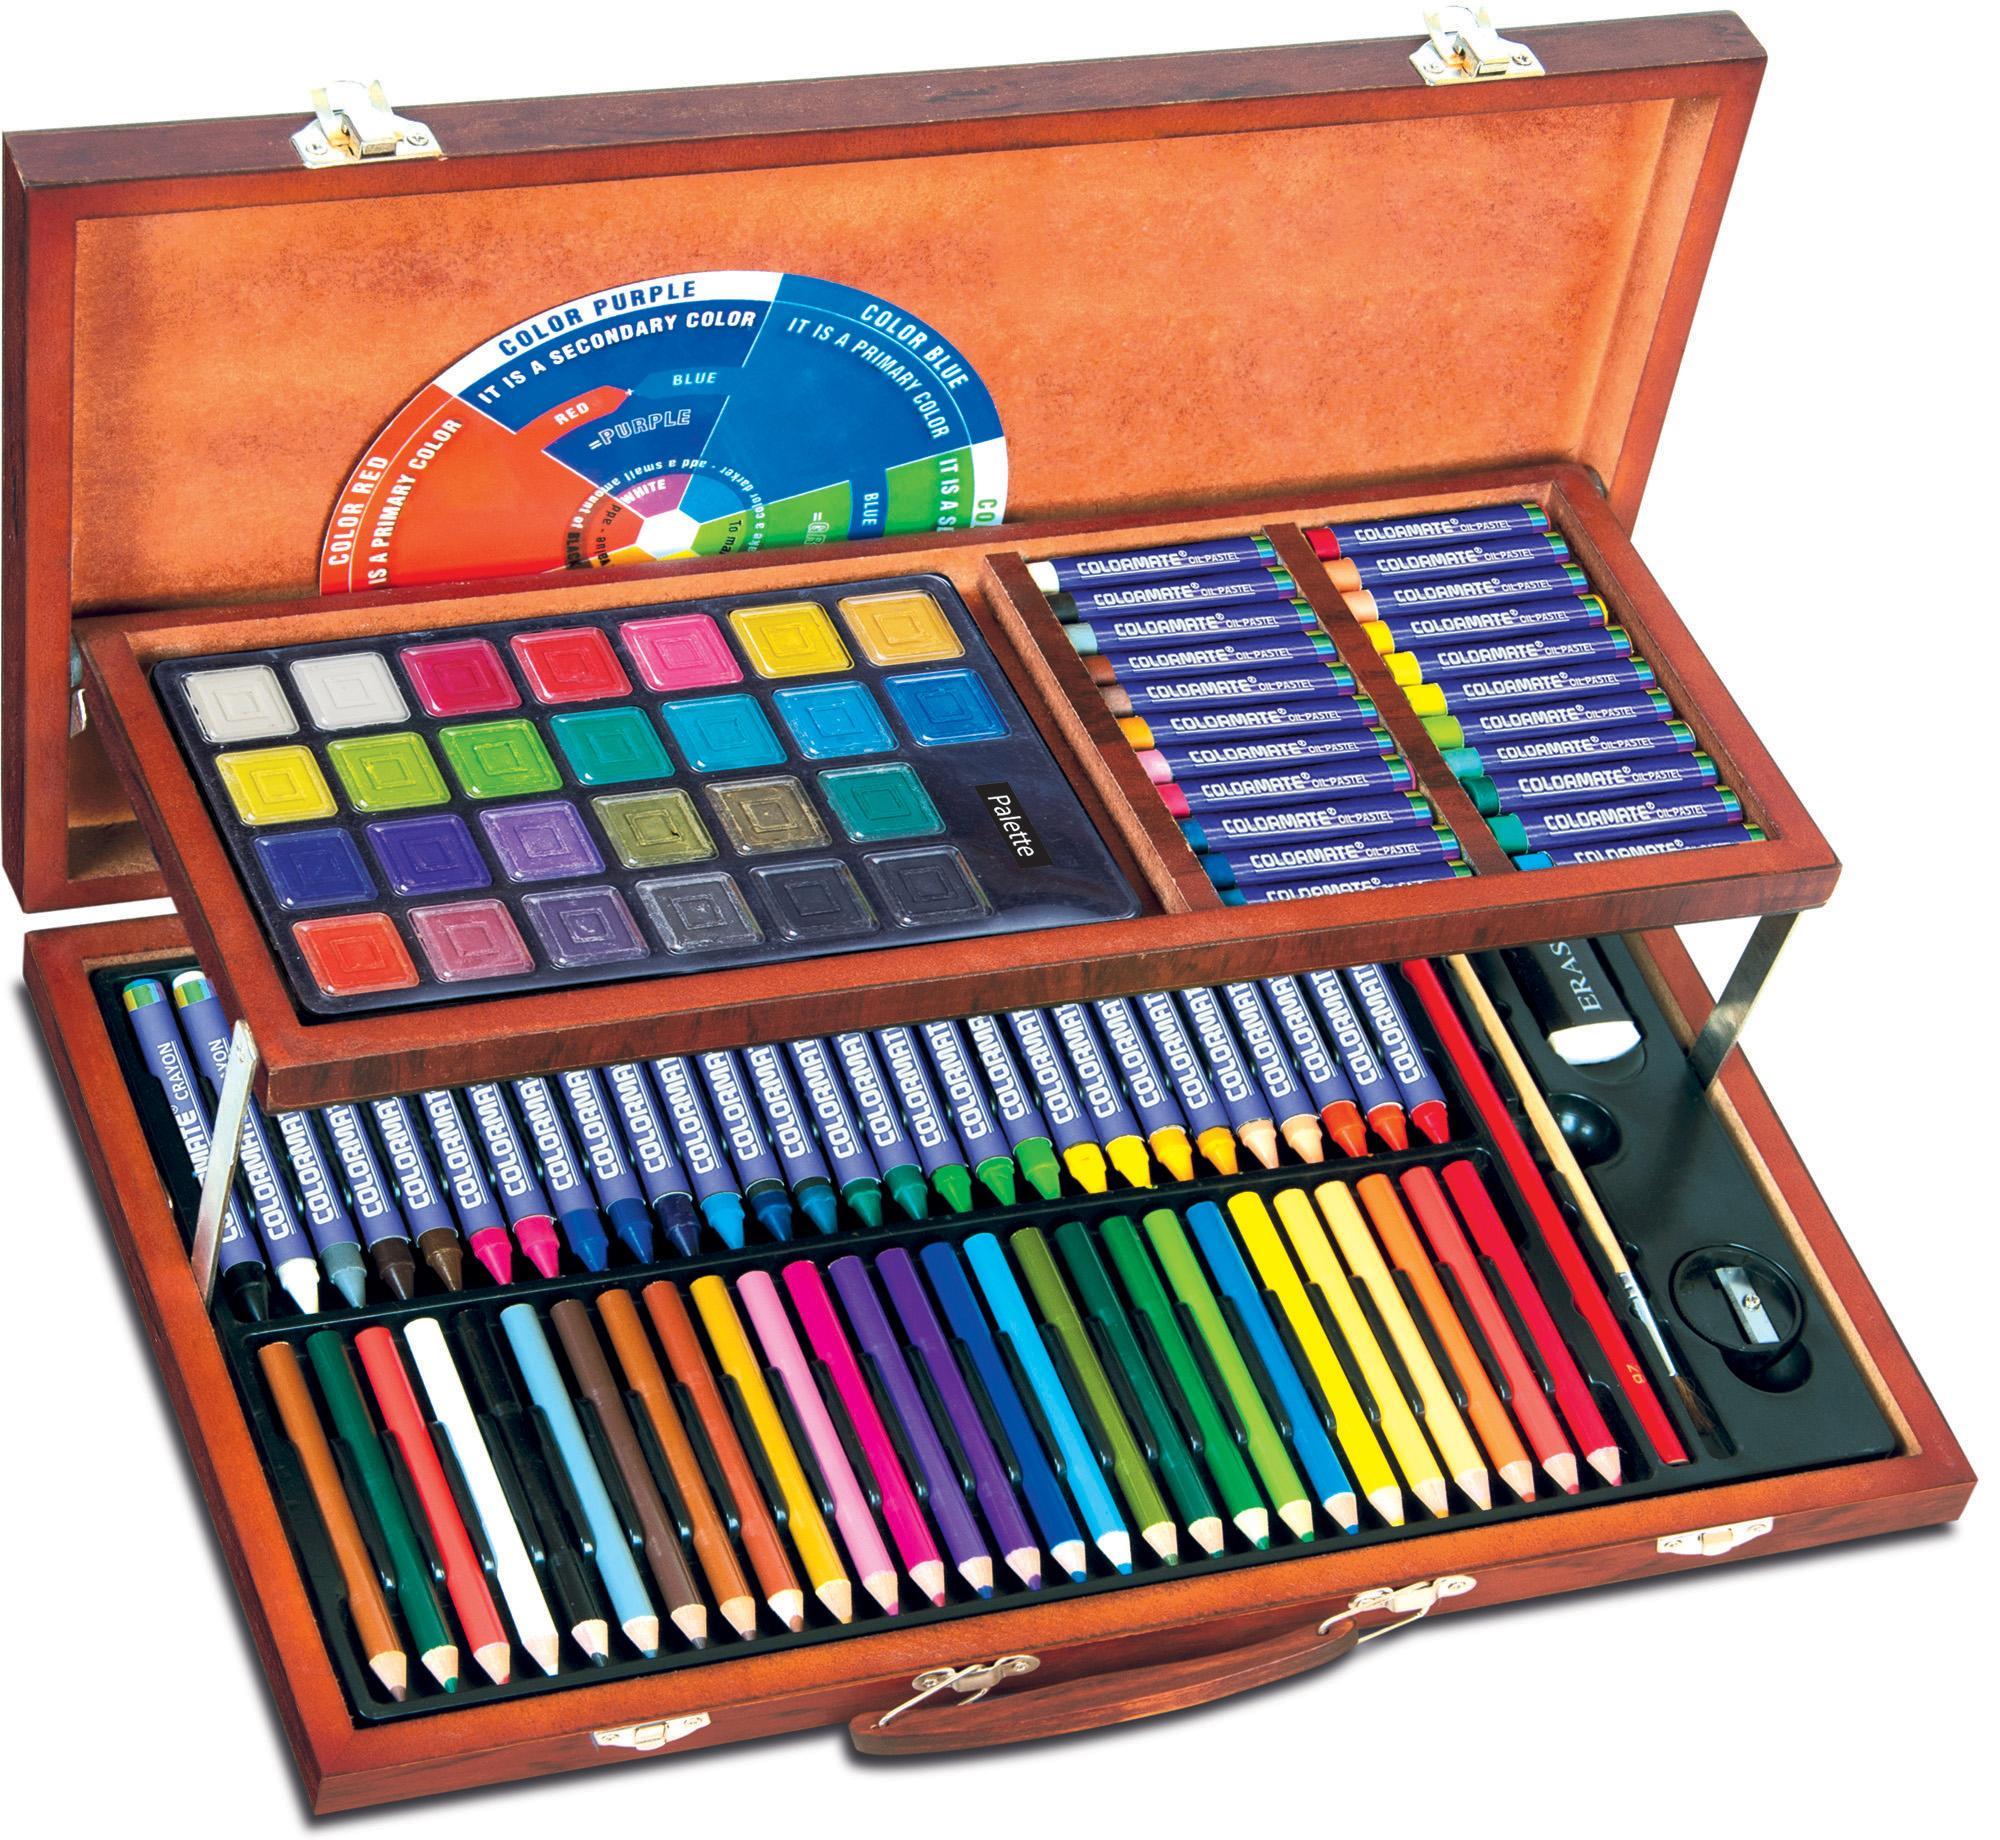 Bộ Màu Vẽ đa Năng Hộp Gỗ Colormate MS-111W Khuyến Mãi Sốc